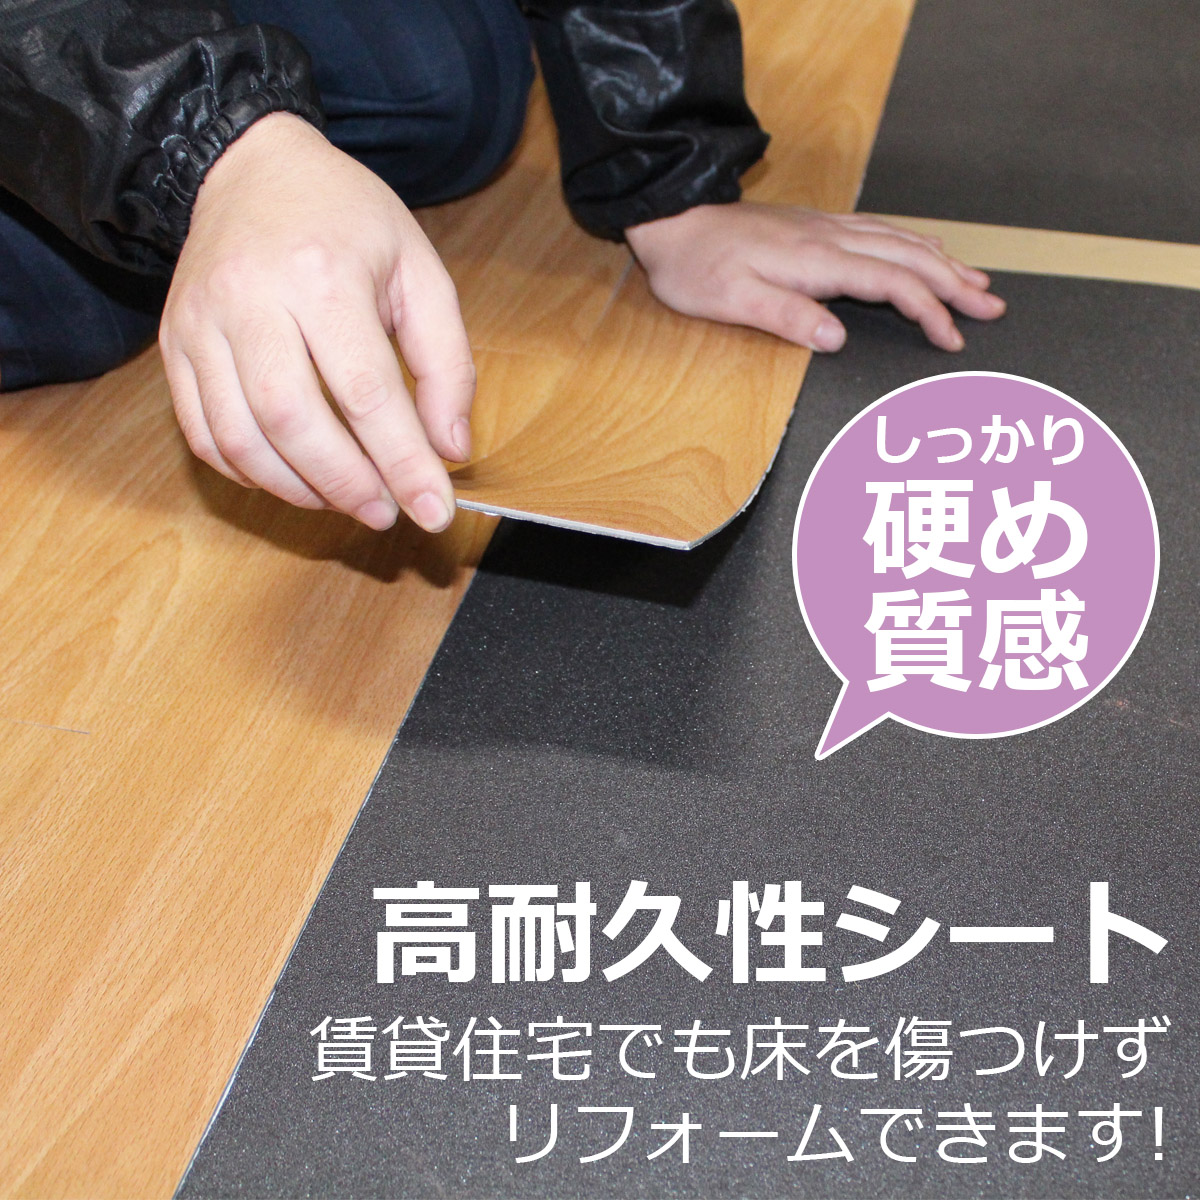 しっかり硬め質感の高耐久性シート 賃貸住宅でも床を傷つけずリフォームできます!